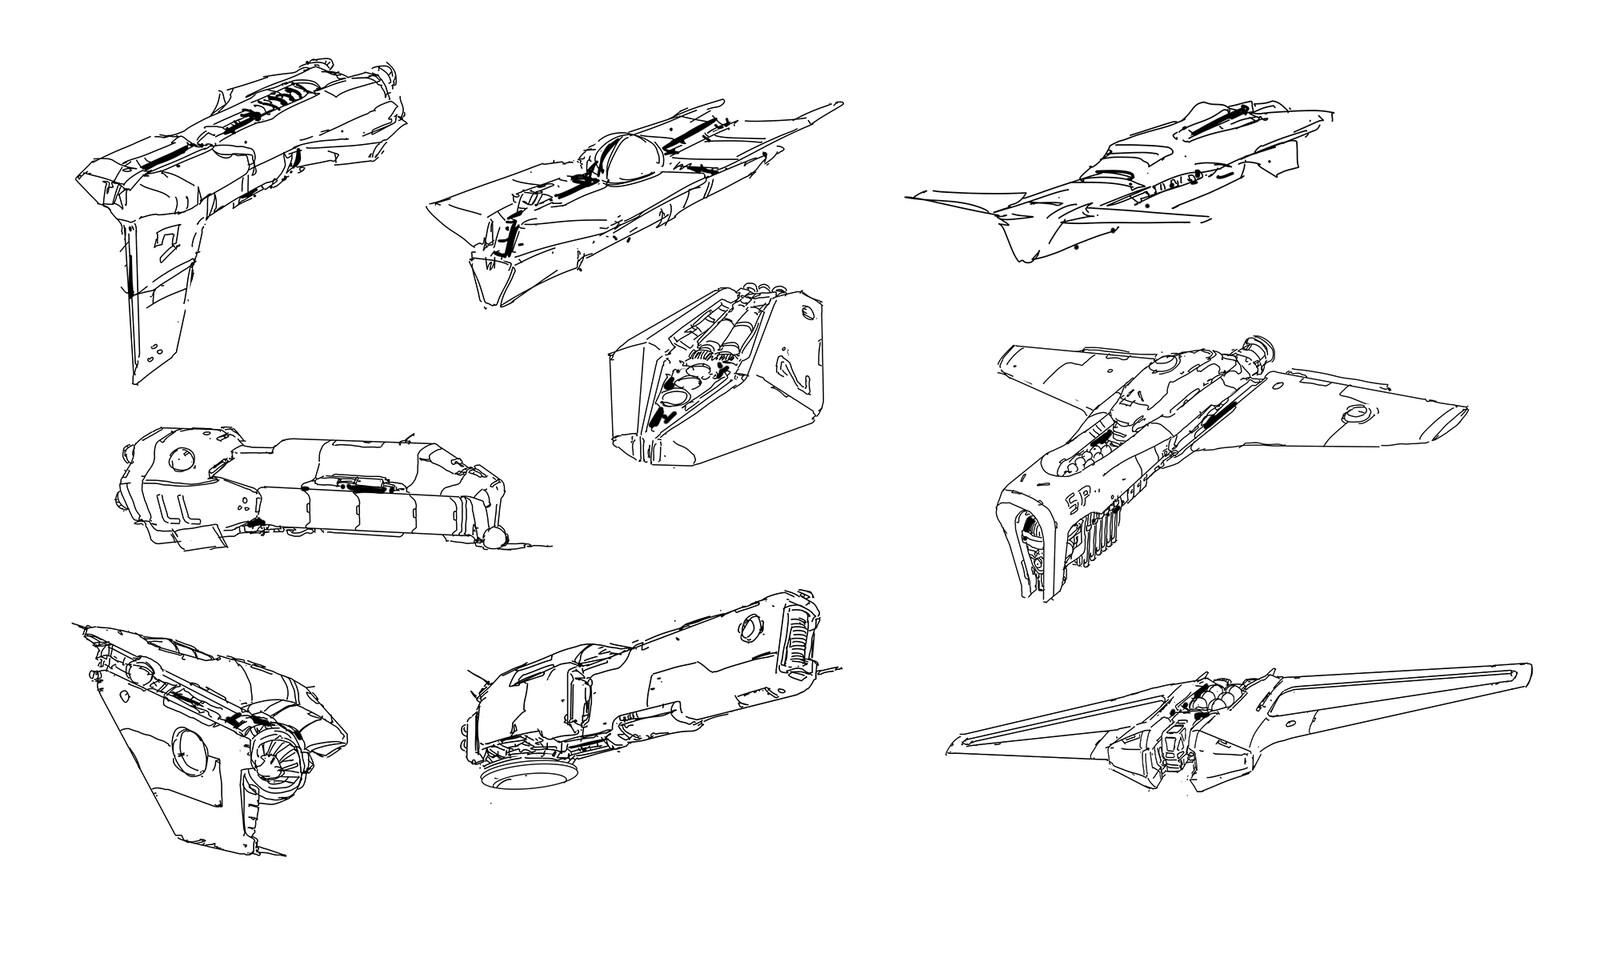 some random ship doodles...